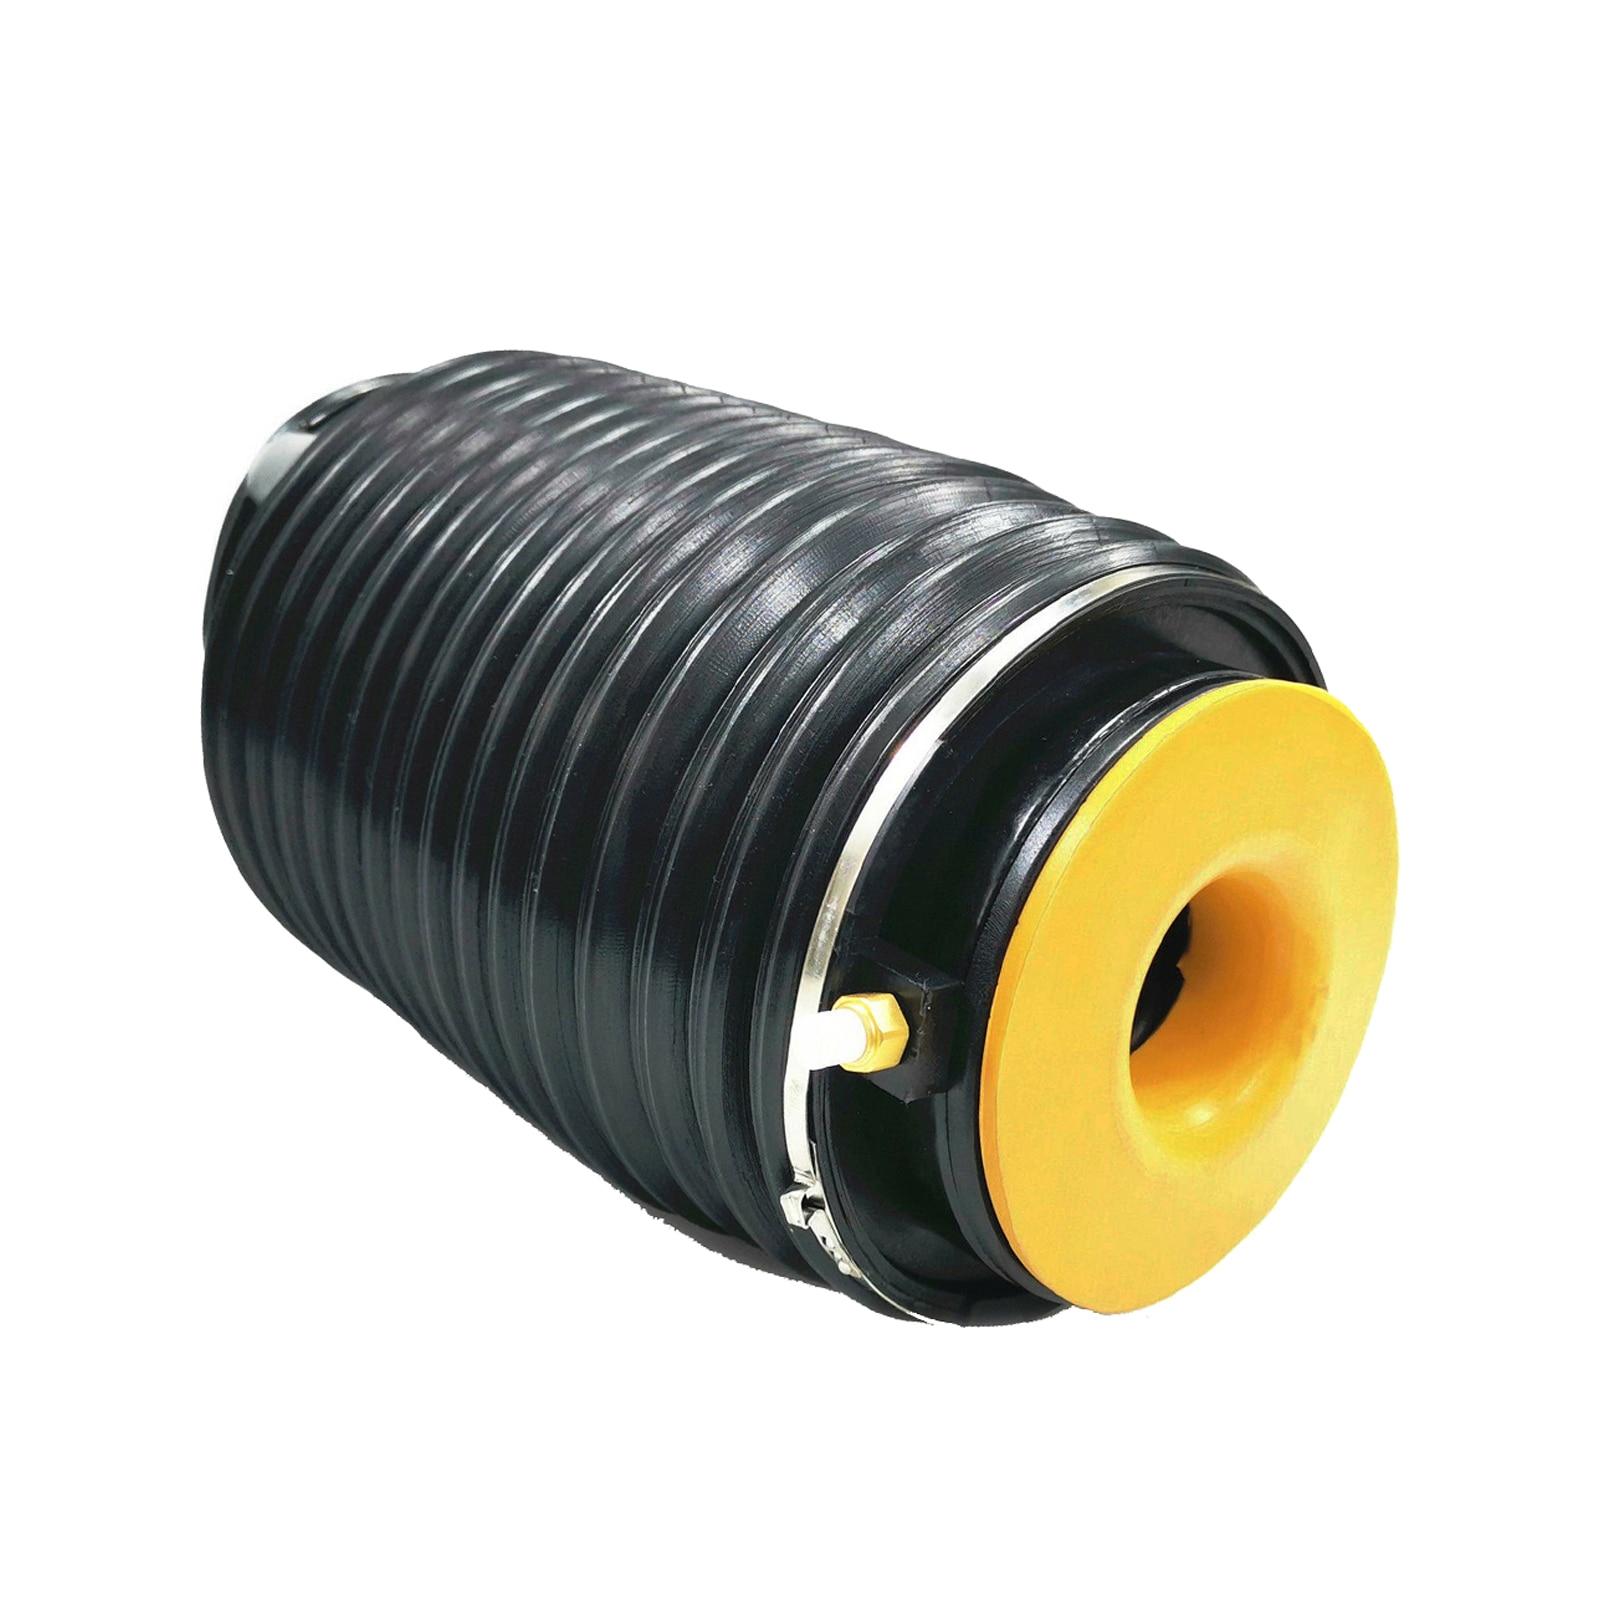 Задняя правая пневматическая подвеска весенний мешок комплект для  daitential 2009 2013 553603M500